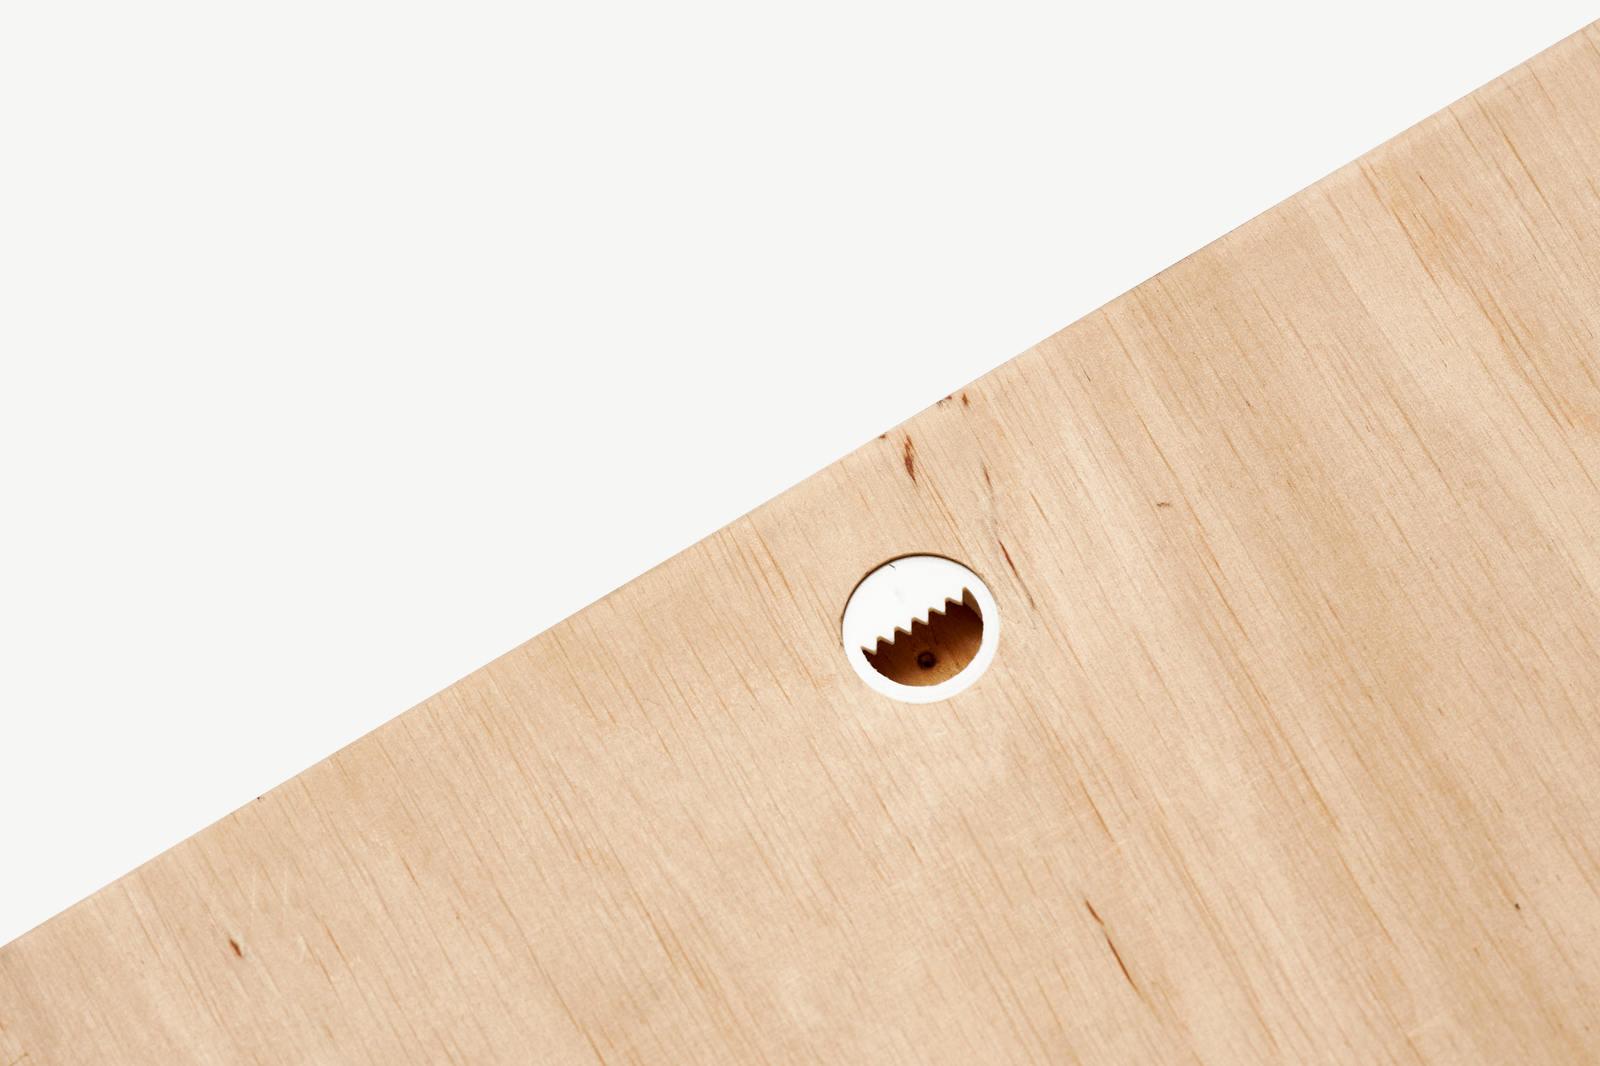 Aufhängung der Holzdrucke an der Rückseite